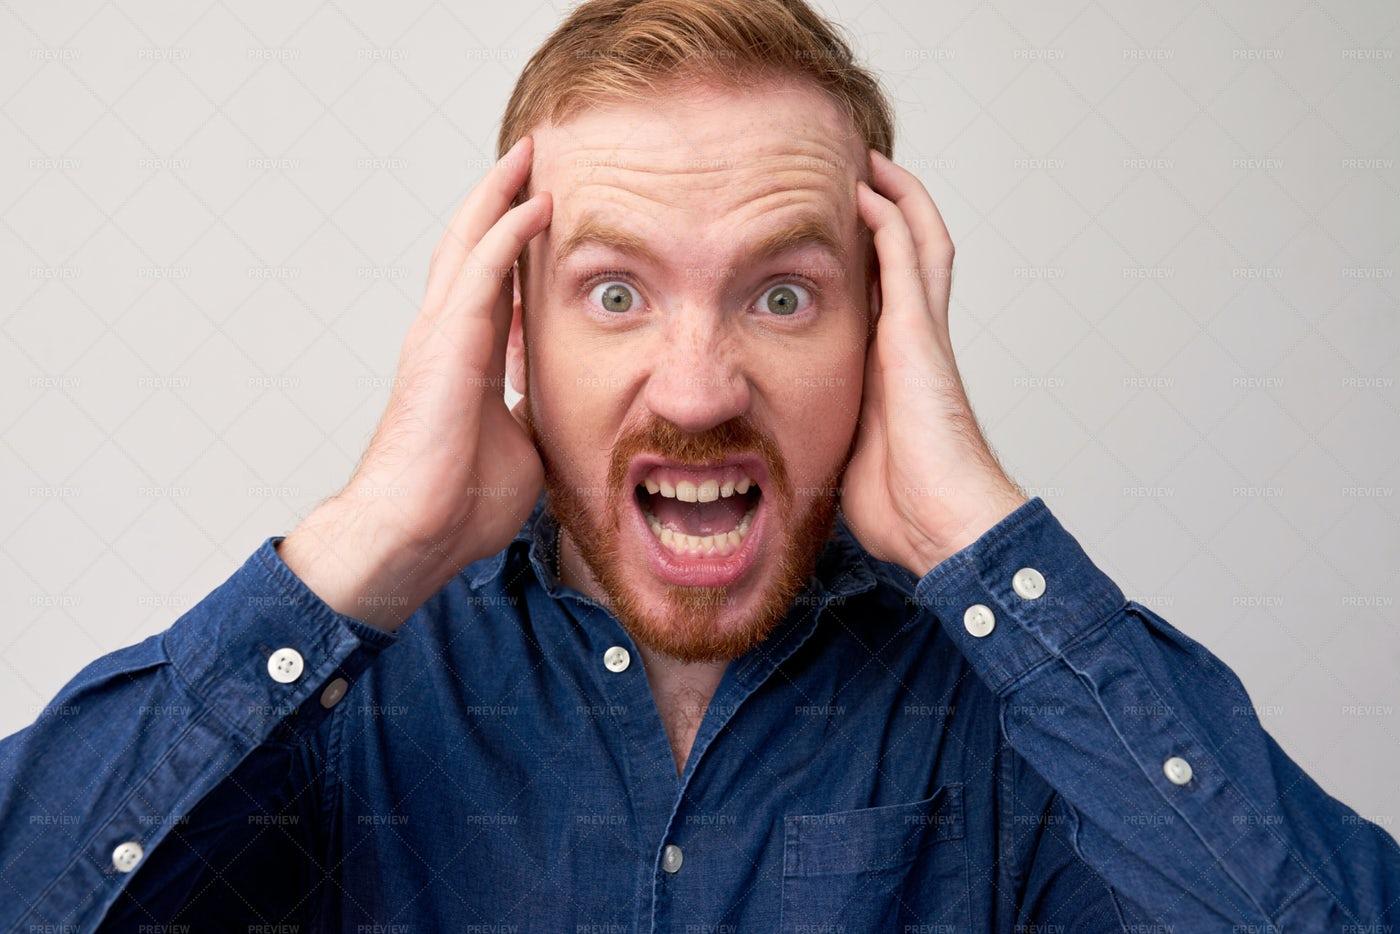 Young Man In Panic: Stock Photos